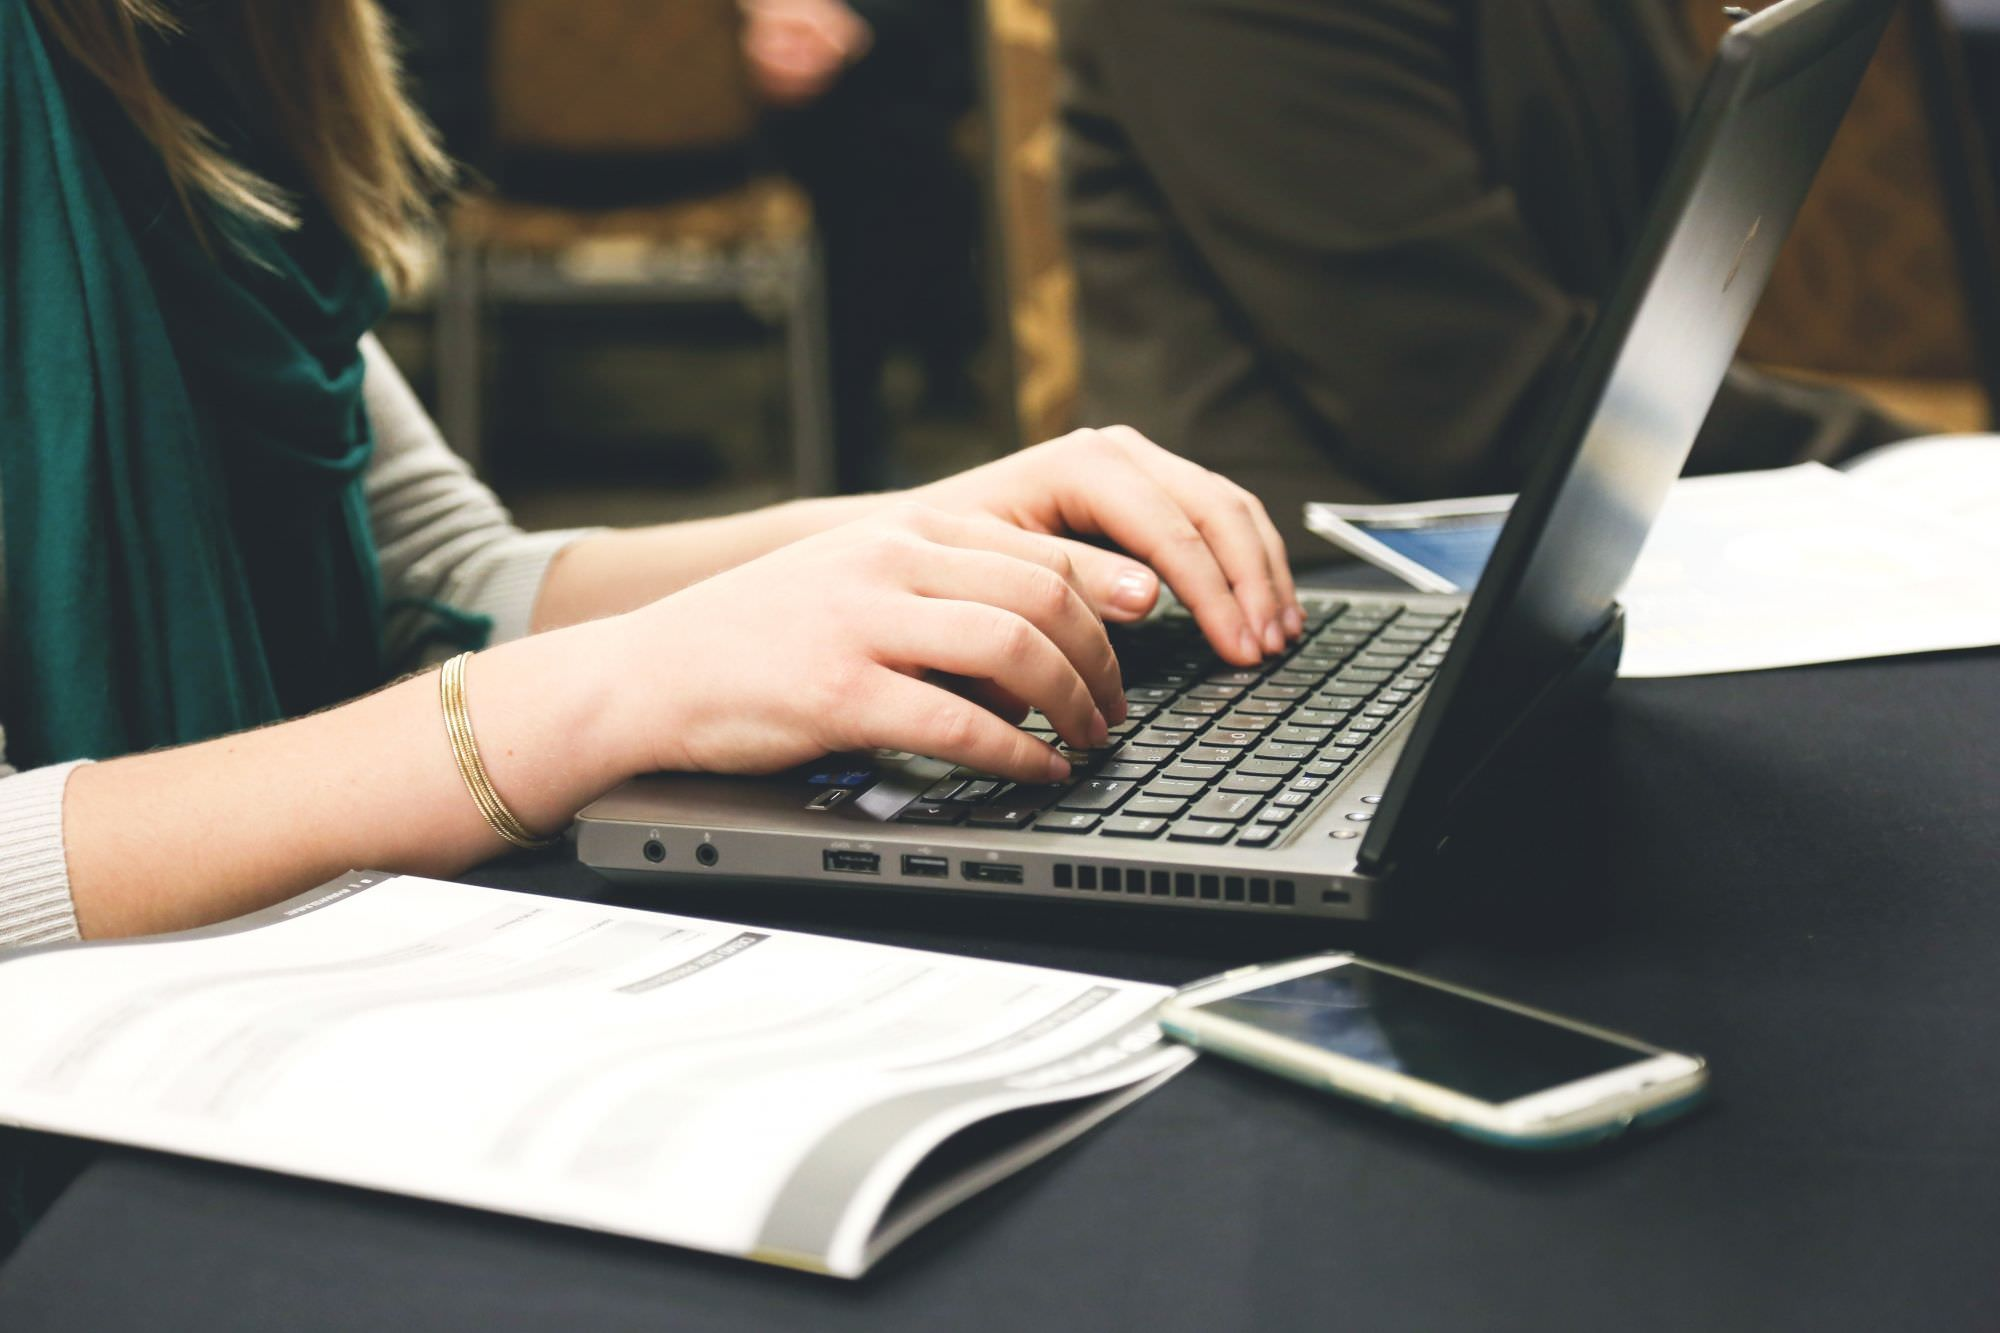 Deneem Blog & Haber Alanıdır